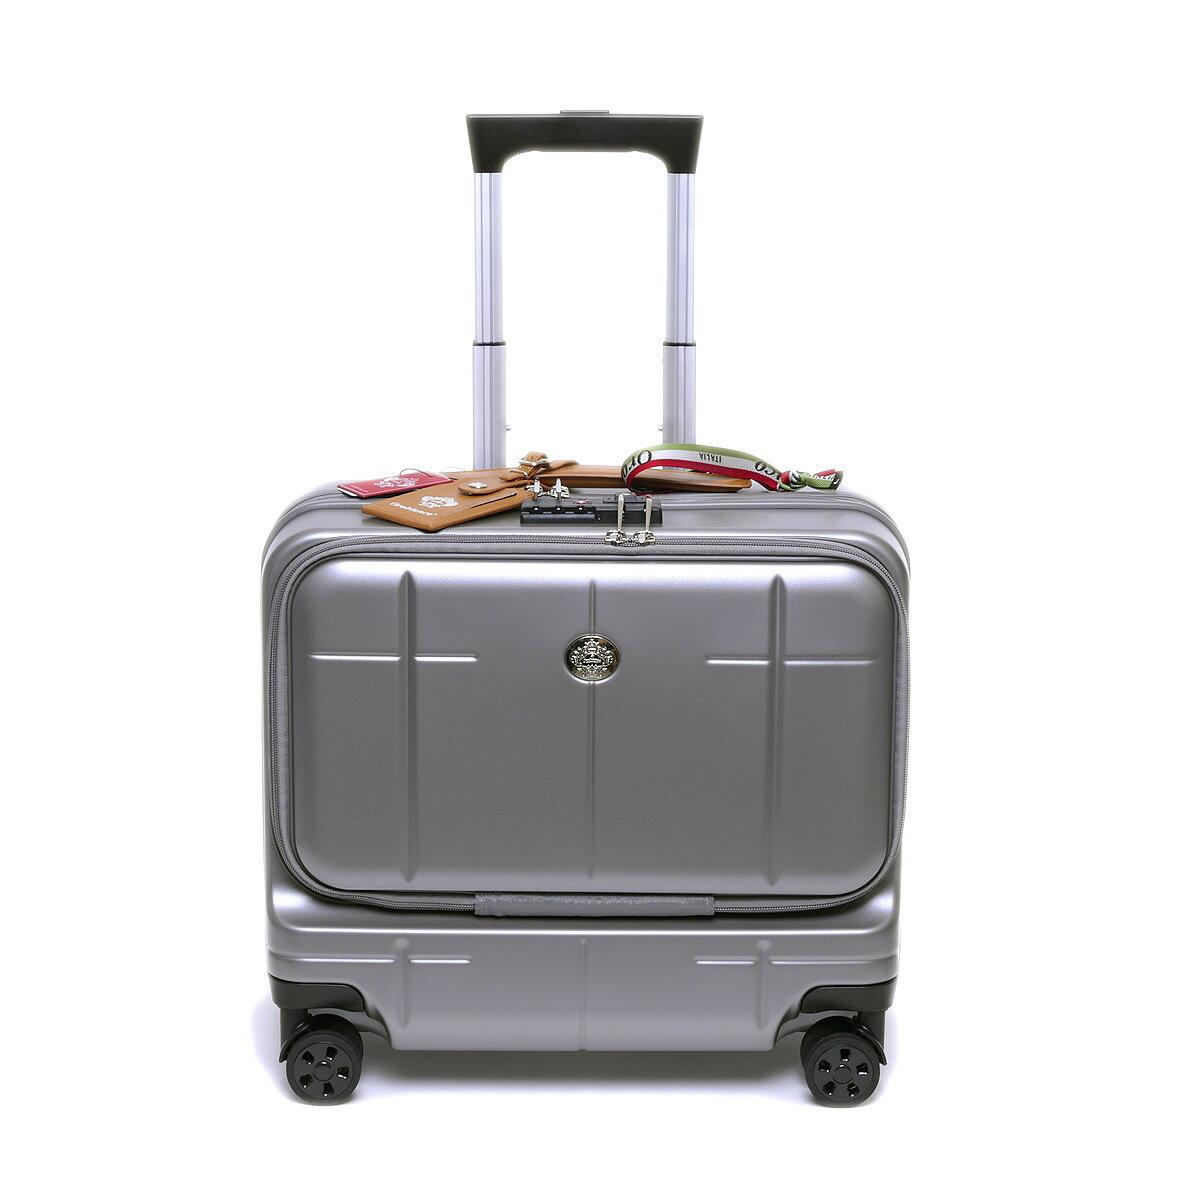 【国内正規品】オロビアンコ スーツケース ARZILLO アルズィーロ 横型 グレー OROBIANCO【dl】brand